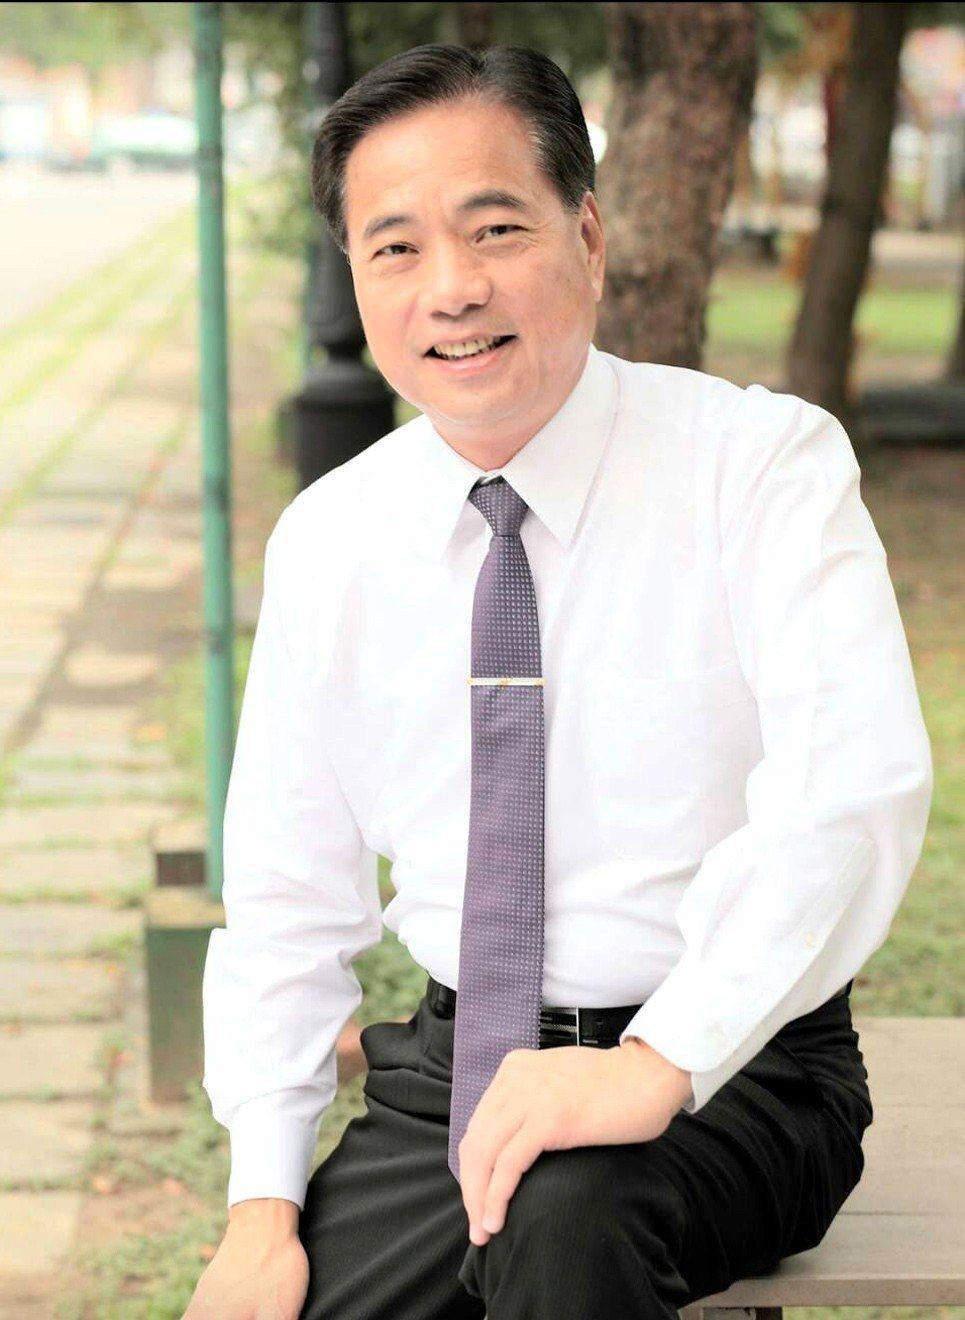 前立委陳根德不滿黨內機制,今天未到黨部登記參選第一選區立委。圖/取自陳根德臉書